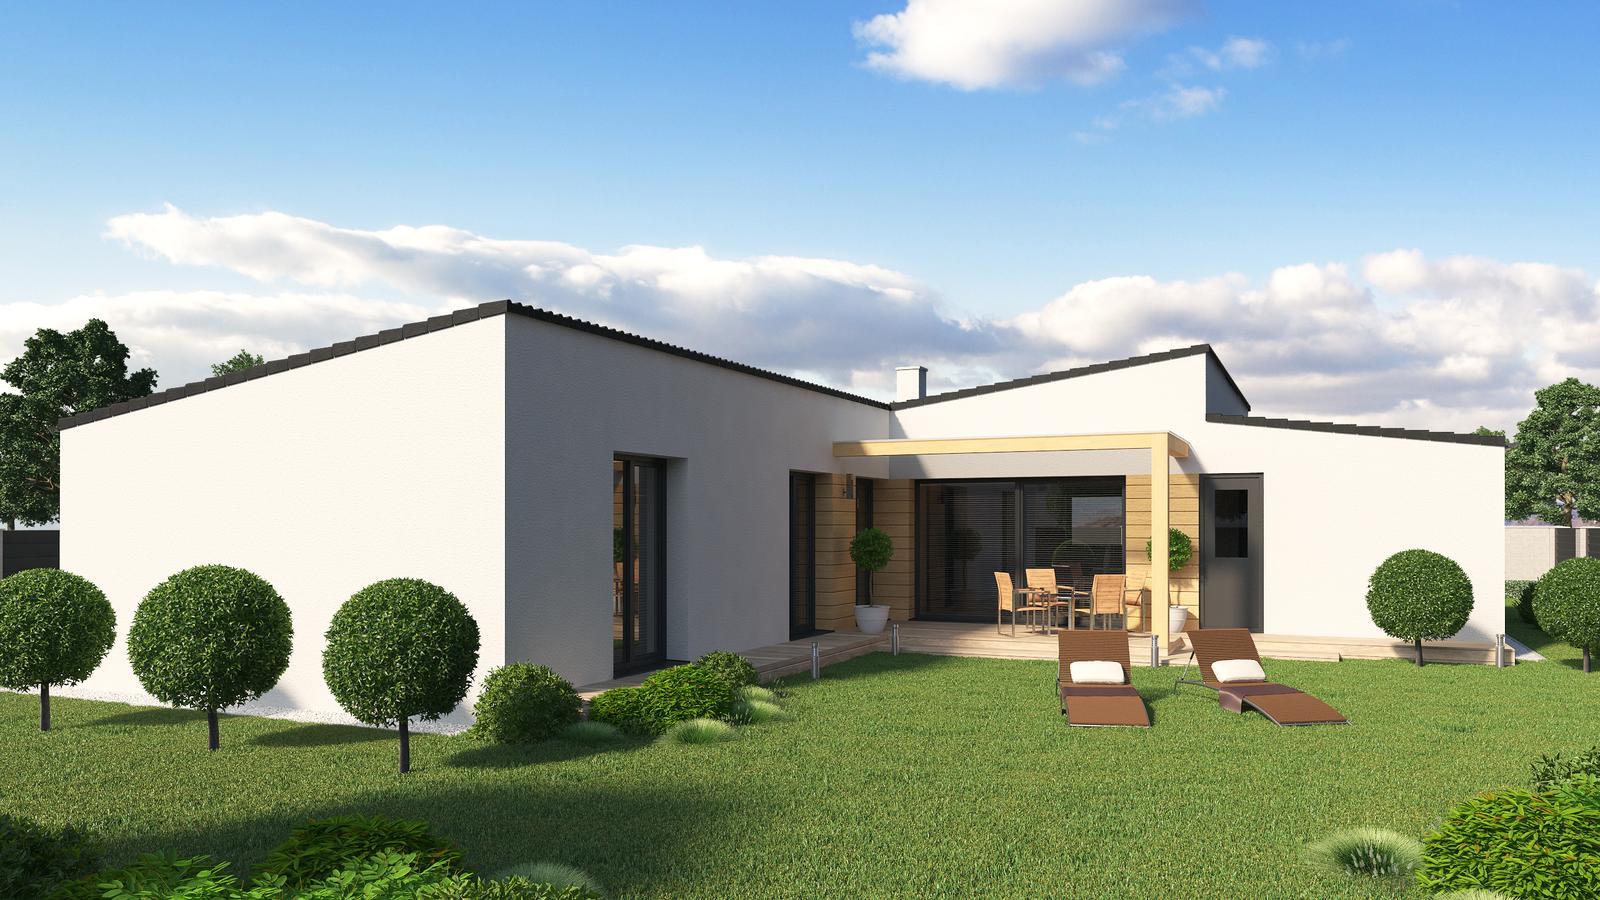 Ďalšie ukážky návrhov domčekov pre Vás - www.rodinny-dom.eu - Obrázok č. 7